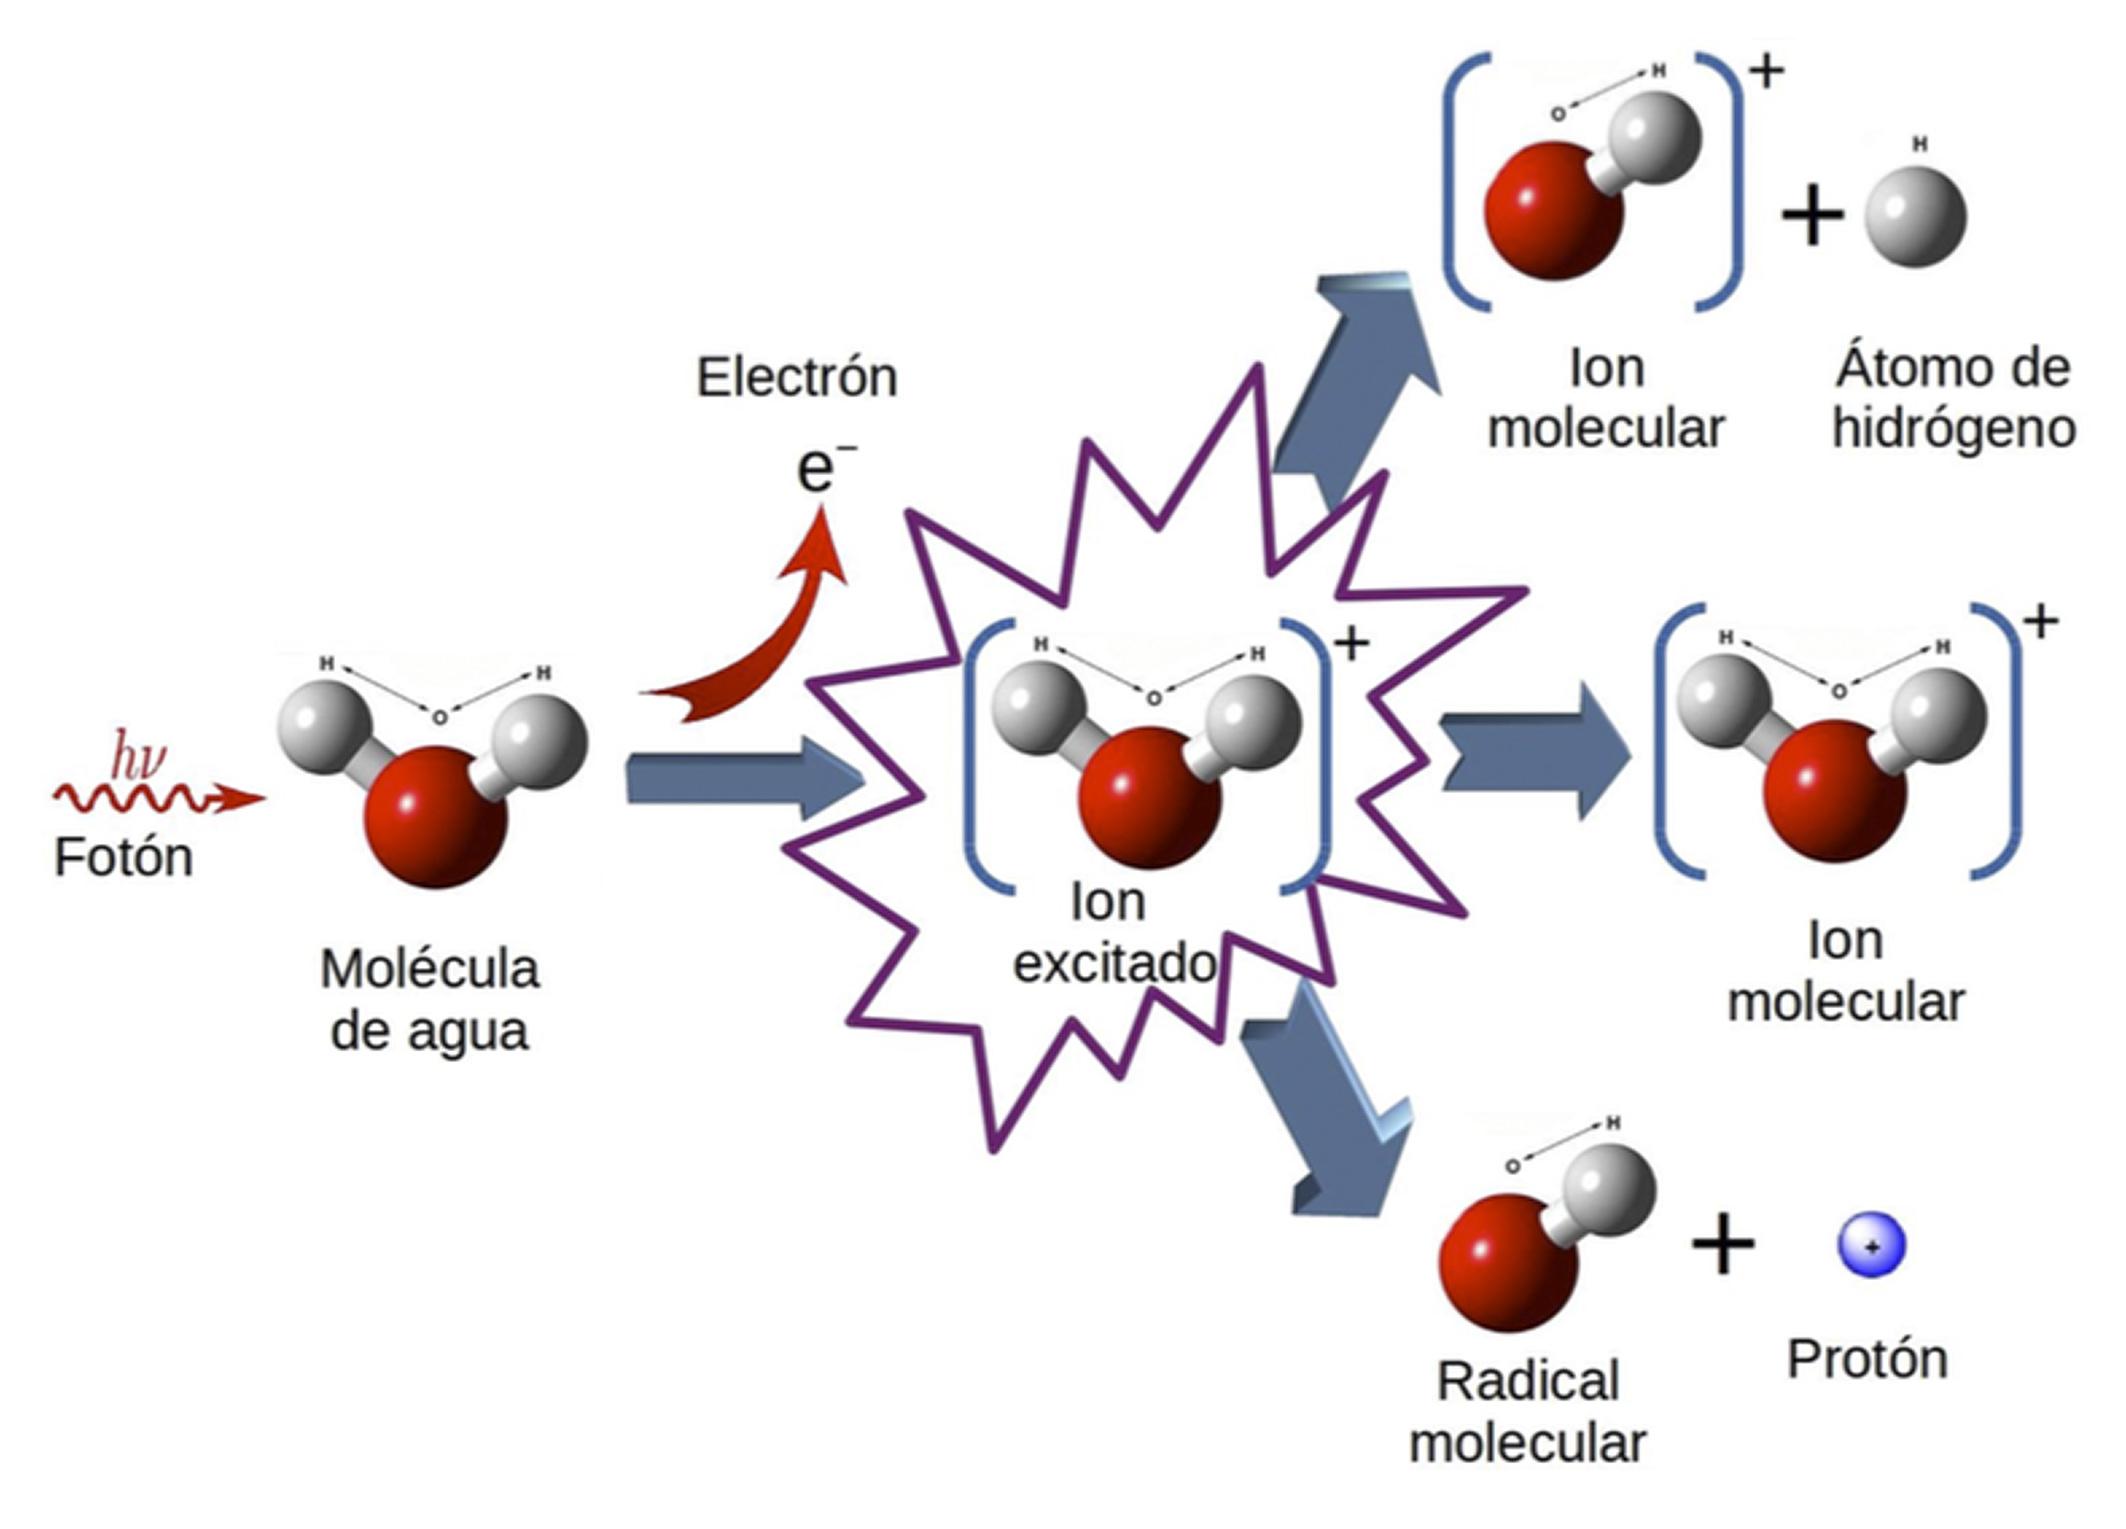 Descrita la fragmentación del agua ionizada